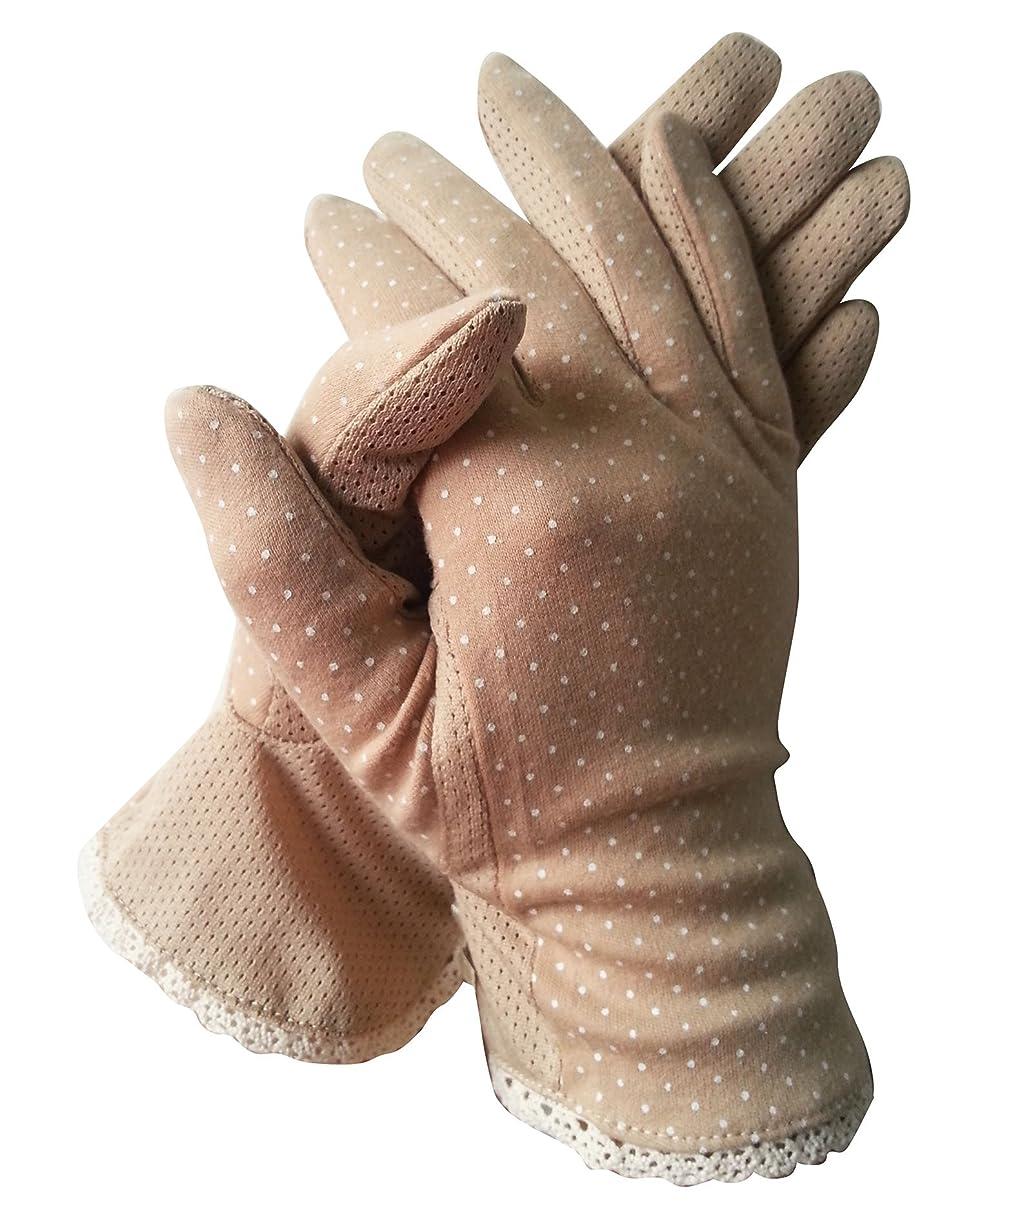 引退したパットスムーズに(ピーキー)Peigee紫外線をしっかりガード!!清涼メッシュ UVカット 日焼け止め手袋 UVカット 手袋 ショート グローブ 薄手 メッシュ 清涼 水玉 柄 滑止め付 女性 レディース